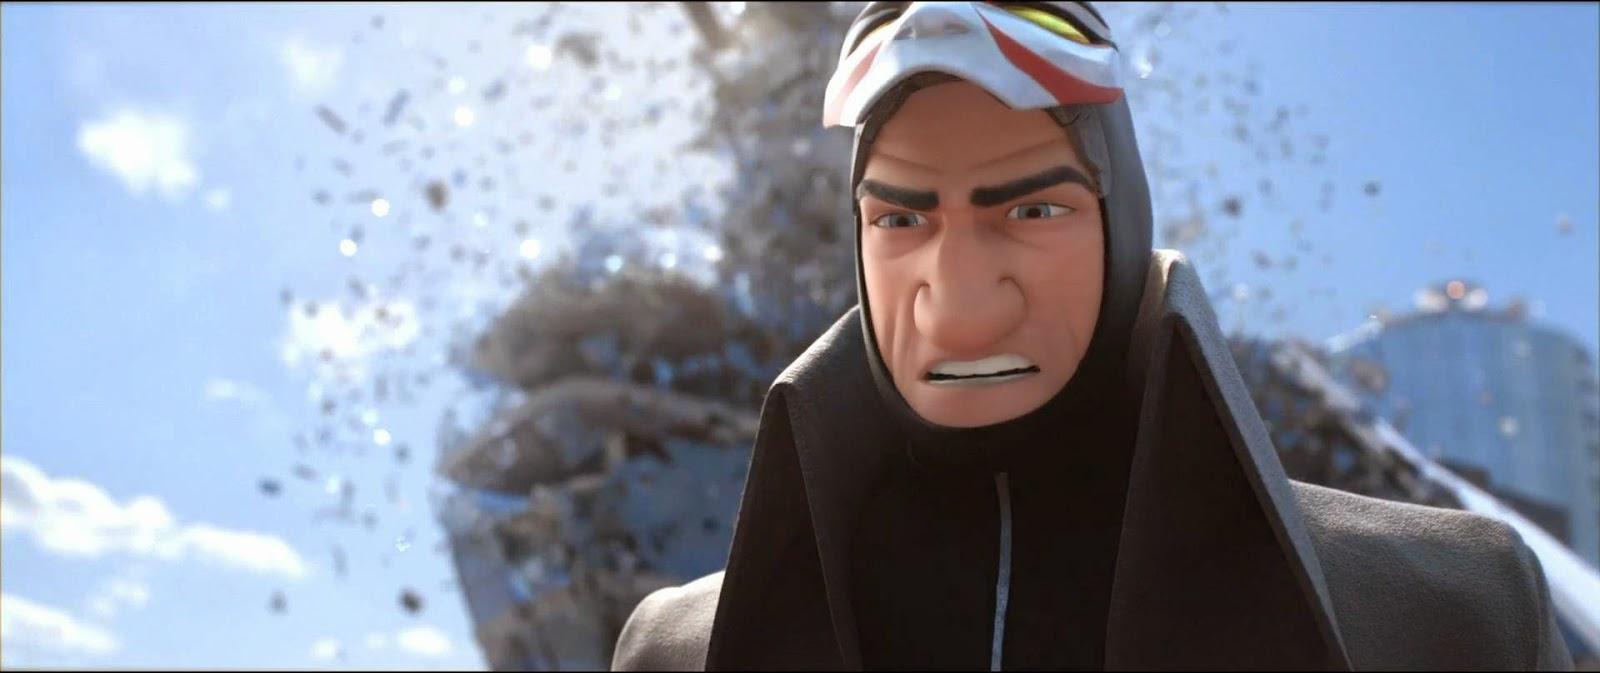 Big Hero 6 (2014) 1080p 1080p S4 s Big Hero 6 (2014) 1080p 1080p